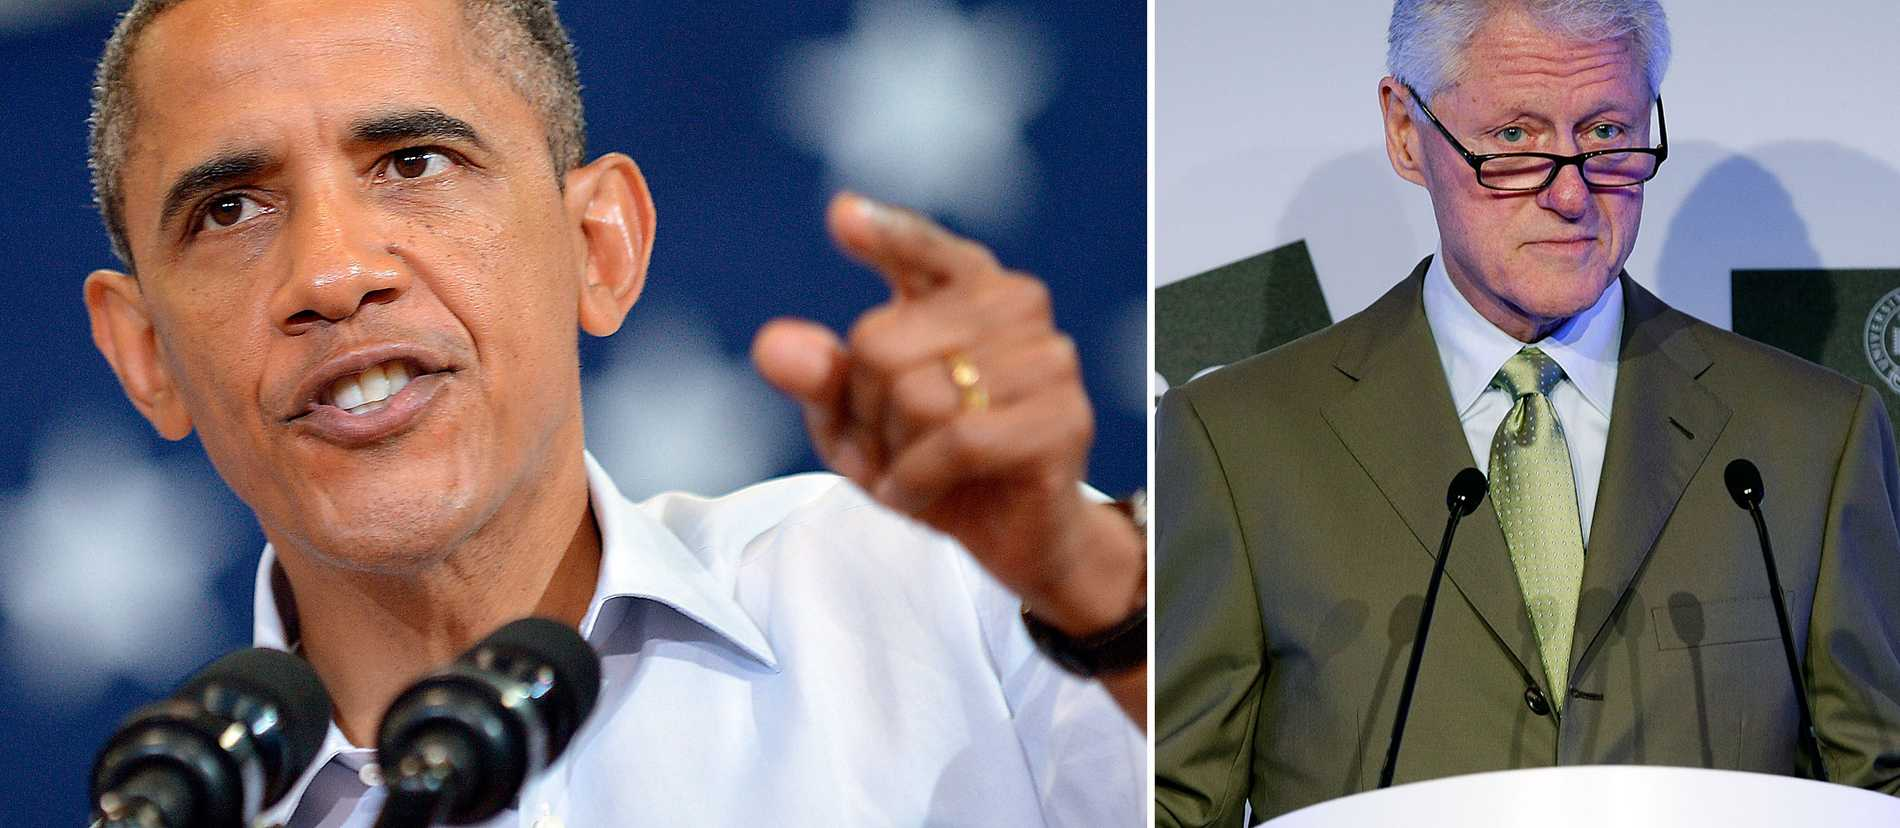 Obama-administrationen anklagar Romney för att ljuga. Nu får han stöd av den förre presidenten Bill Clinton.